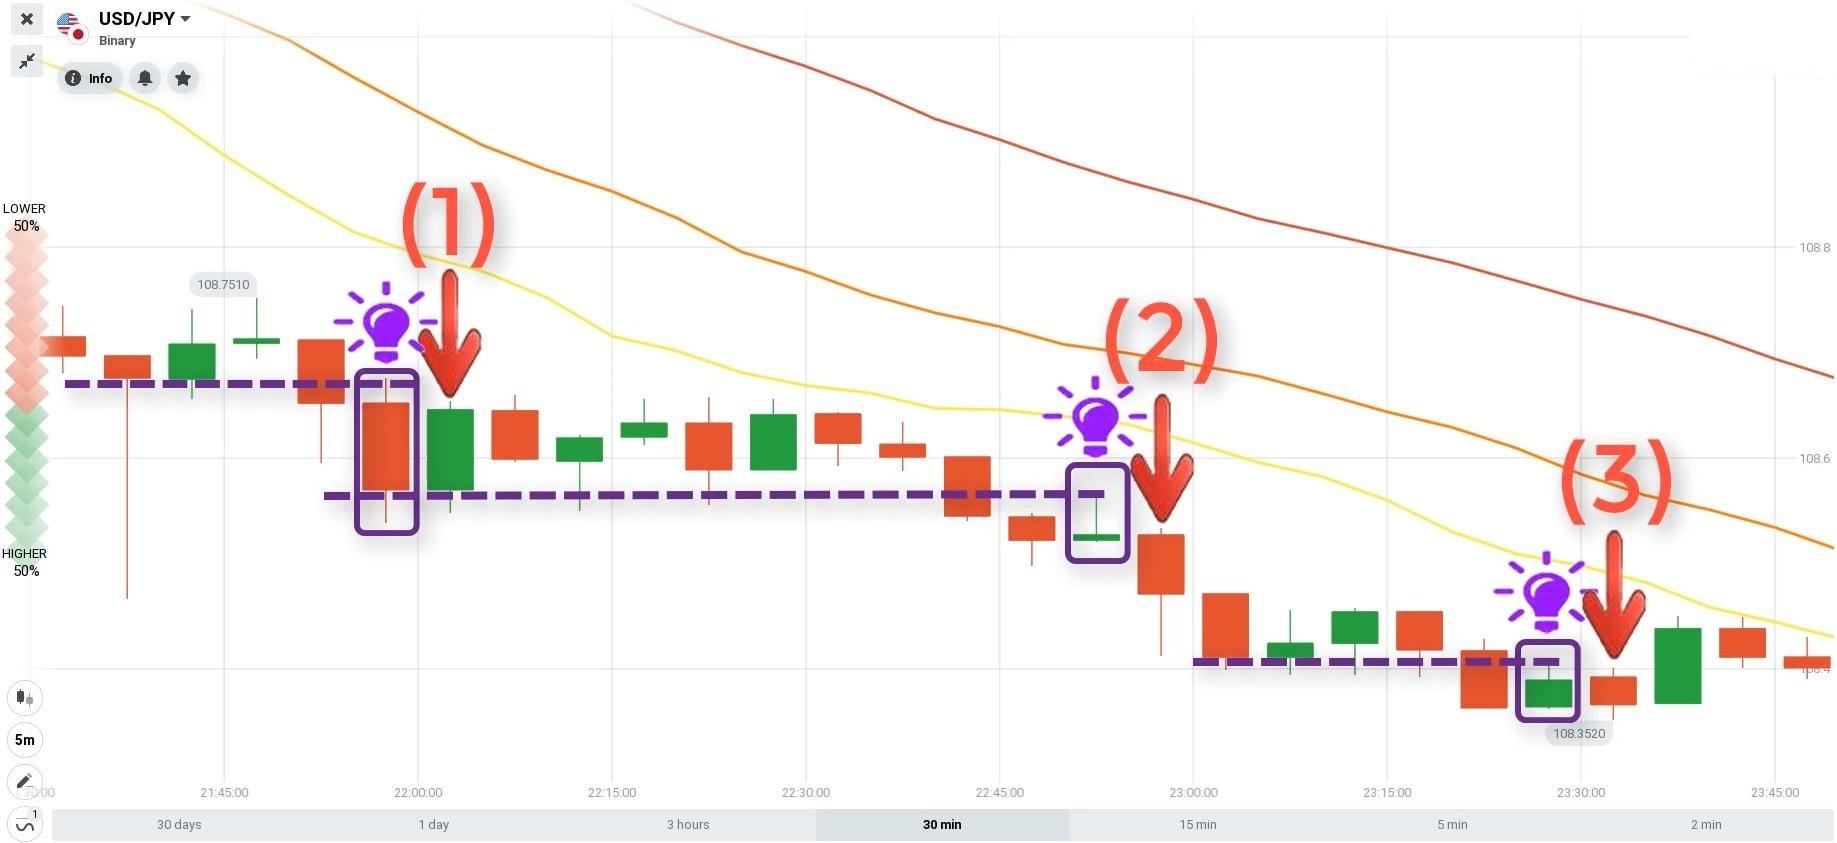 Điểm lệnh giao dịch tài chính cặp tiền USD/JPY ngày 08.06